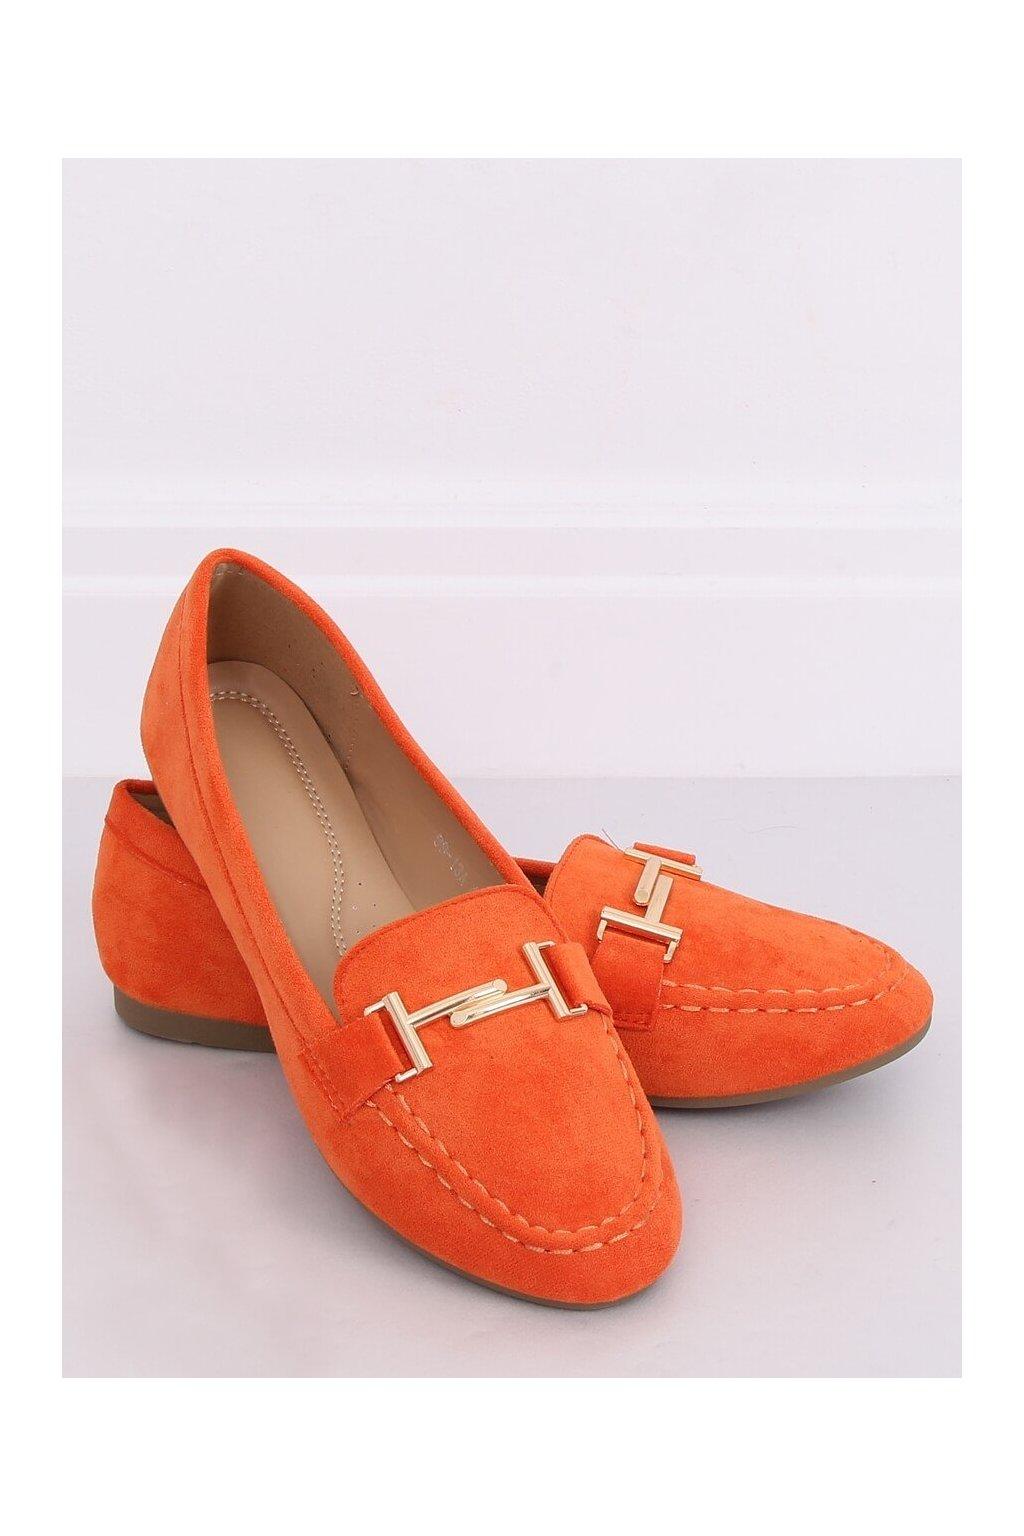 Dámske mokasíny oranžové 99-13A